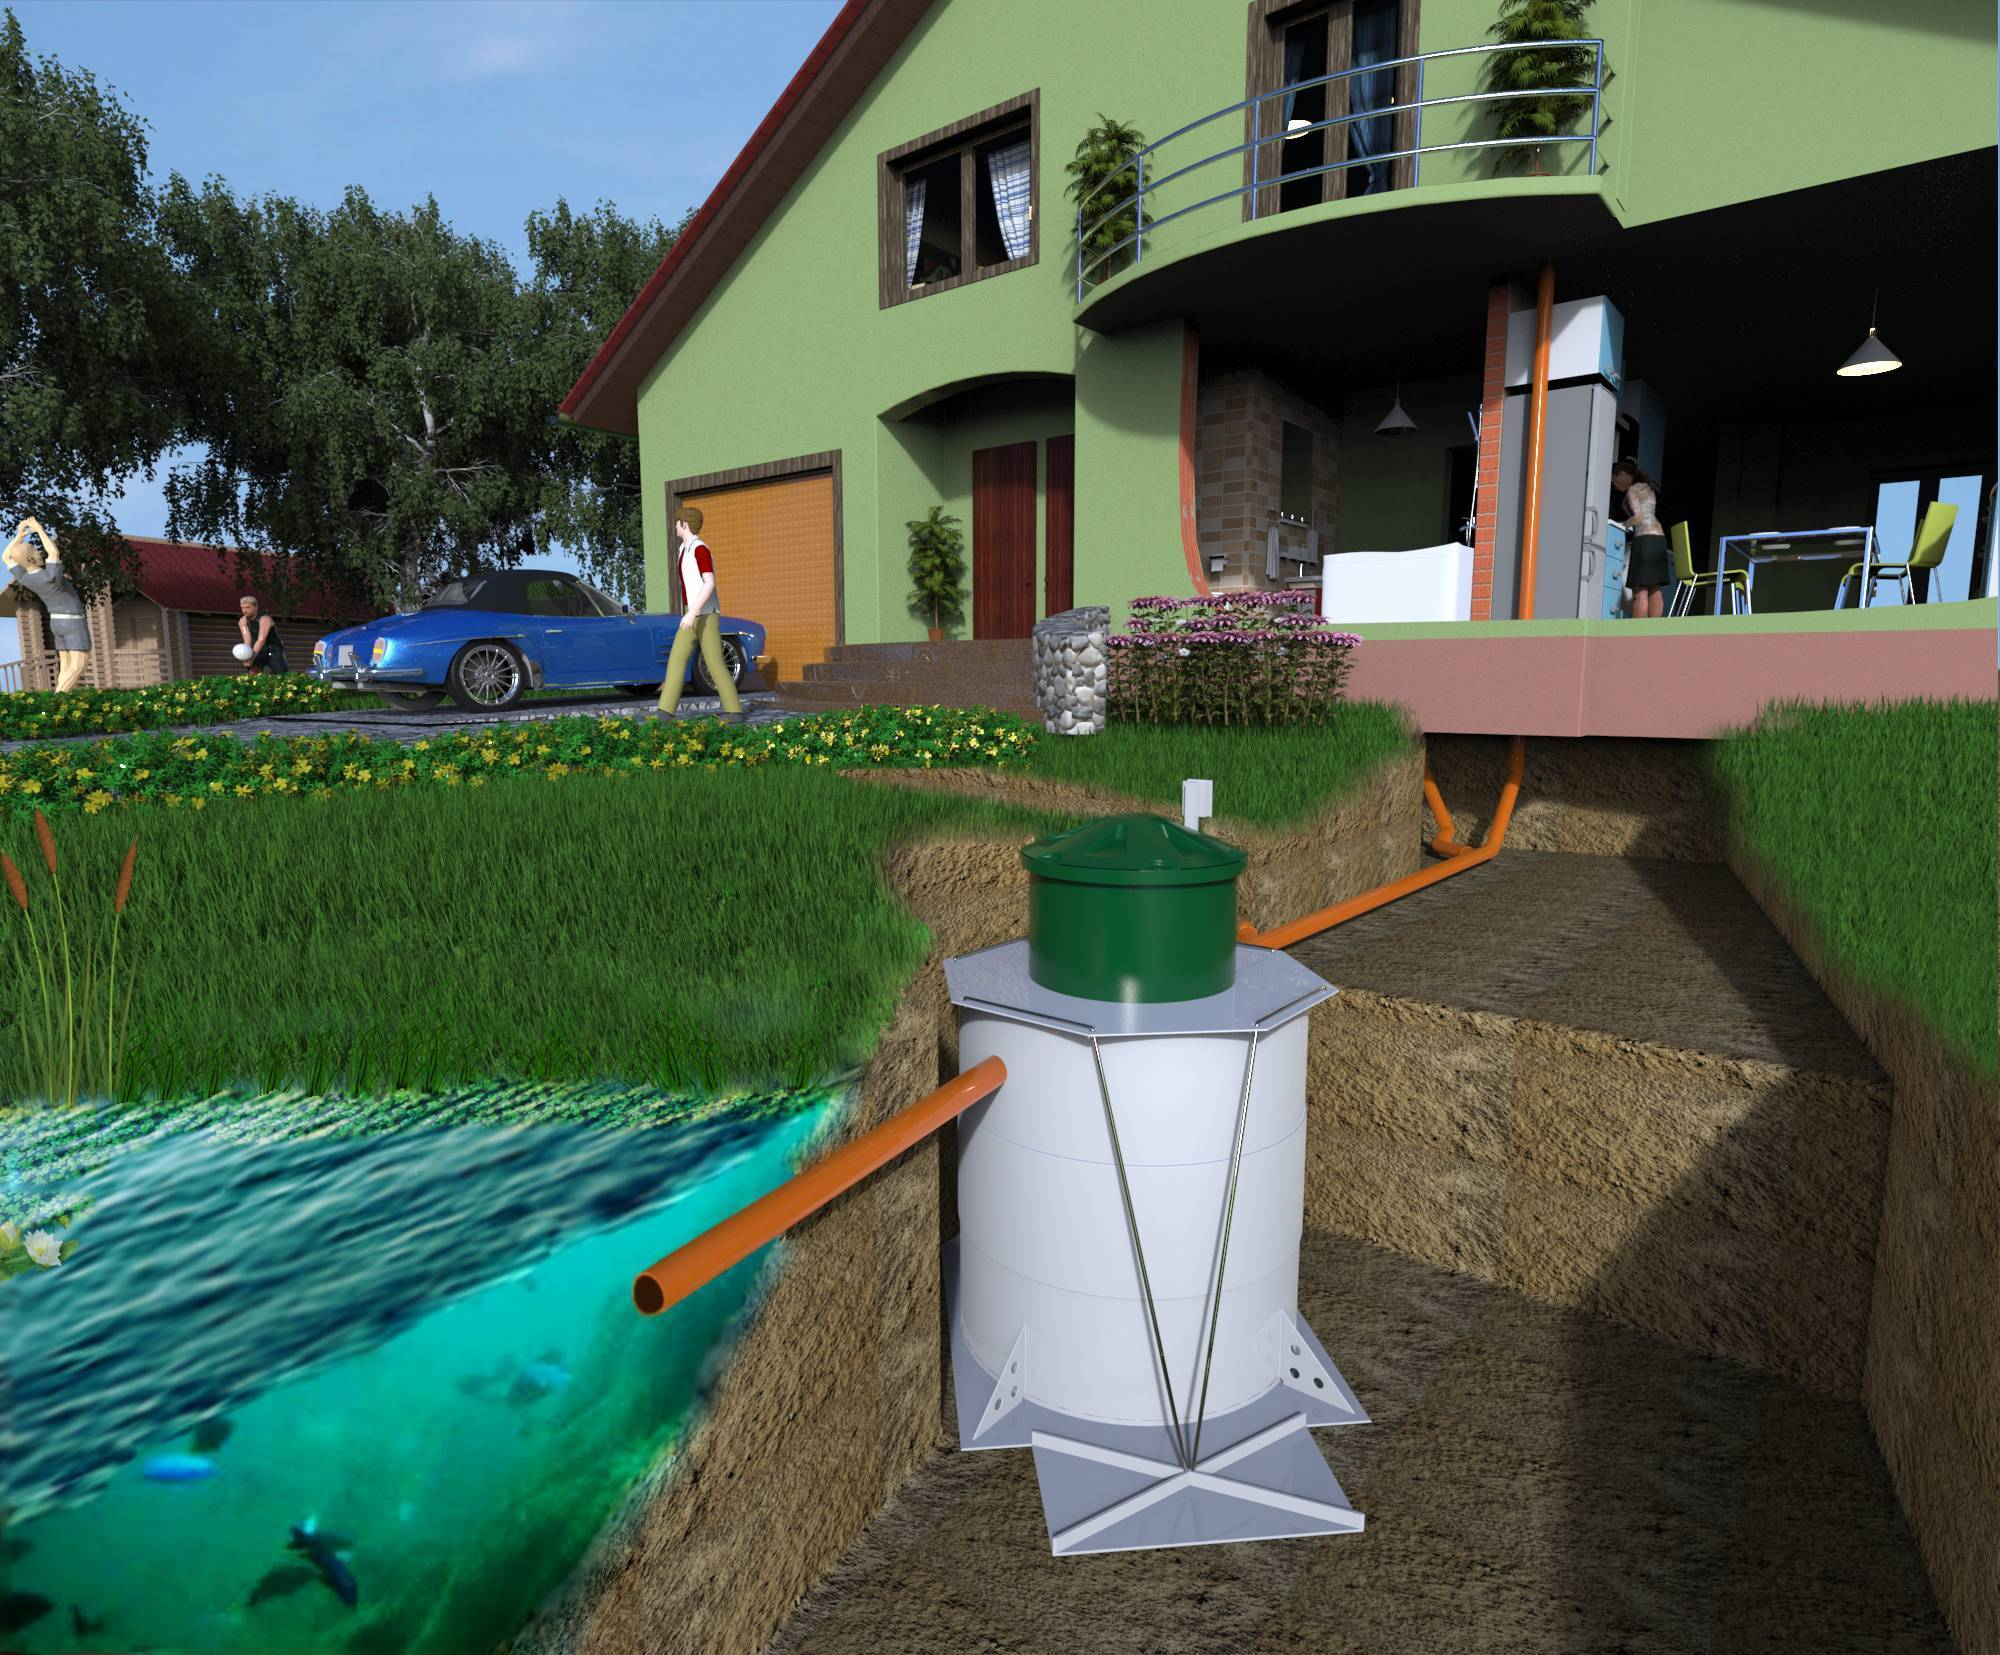 Локальная канализация: для загородного дома, очистные сооружения, система, что это такое, местная мини